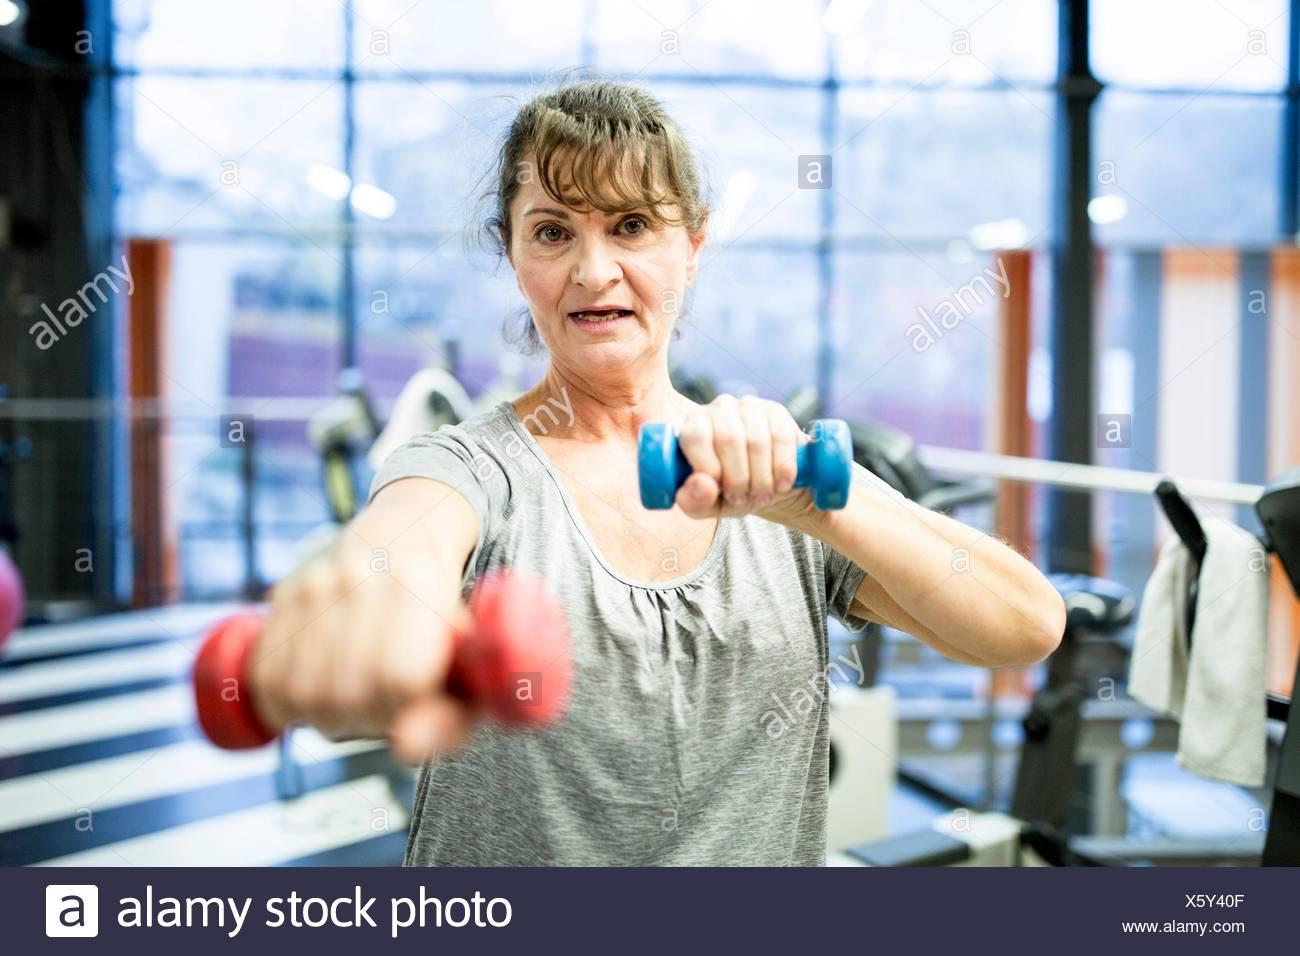 Parution de la propriété. Parution du modèle. Portrait of senior woman holding dumbbell dans une salle de sport. Photo Stock